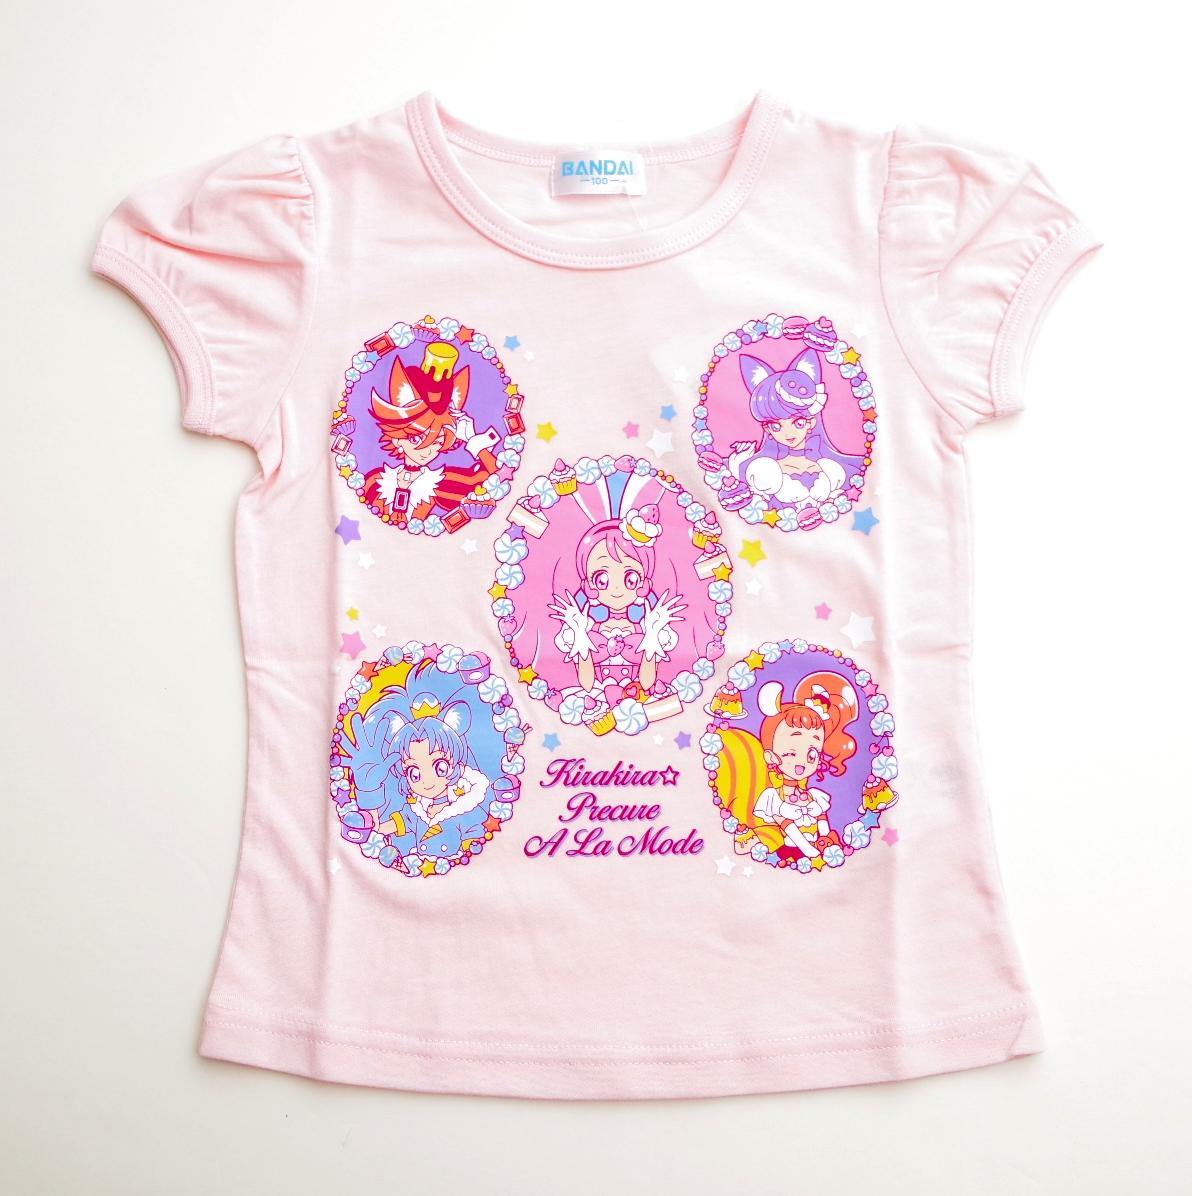 プリキュアアラモード 半袖Tシャツ 100cm-120cm (2379454)